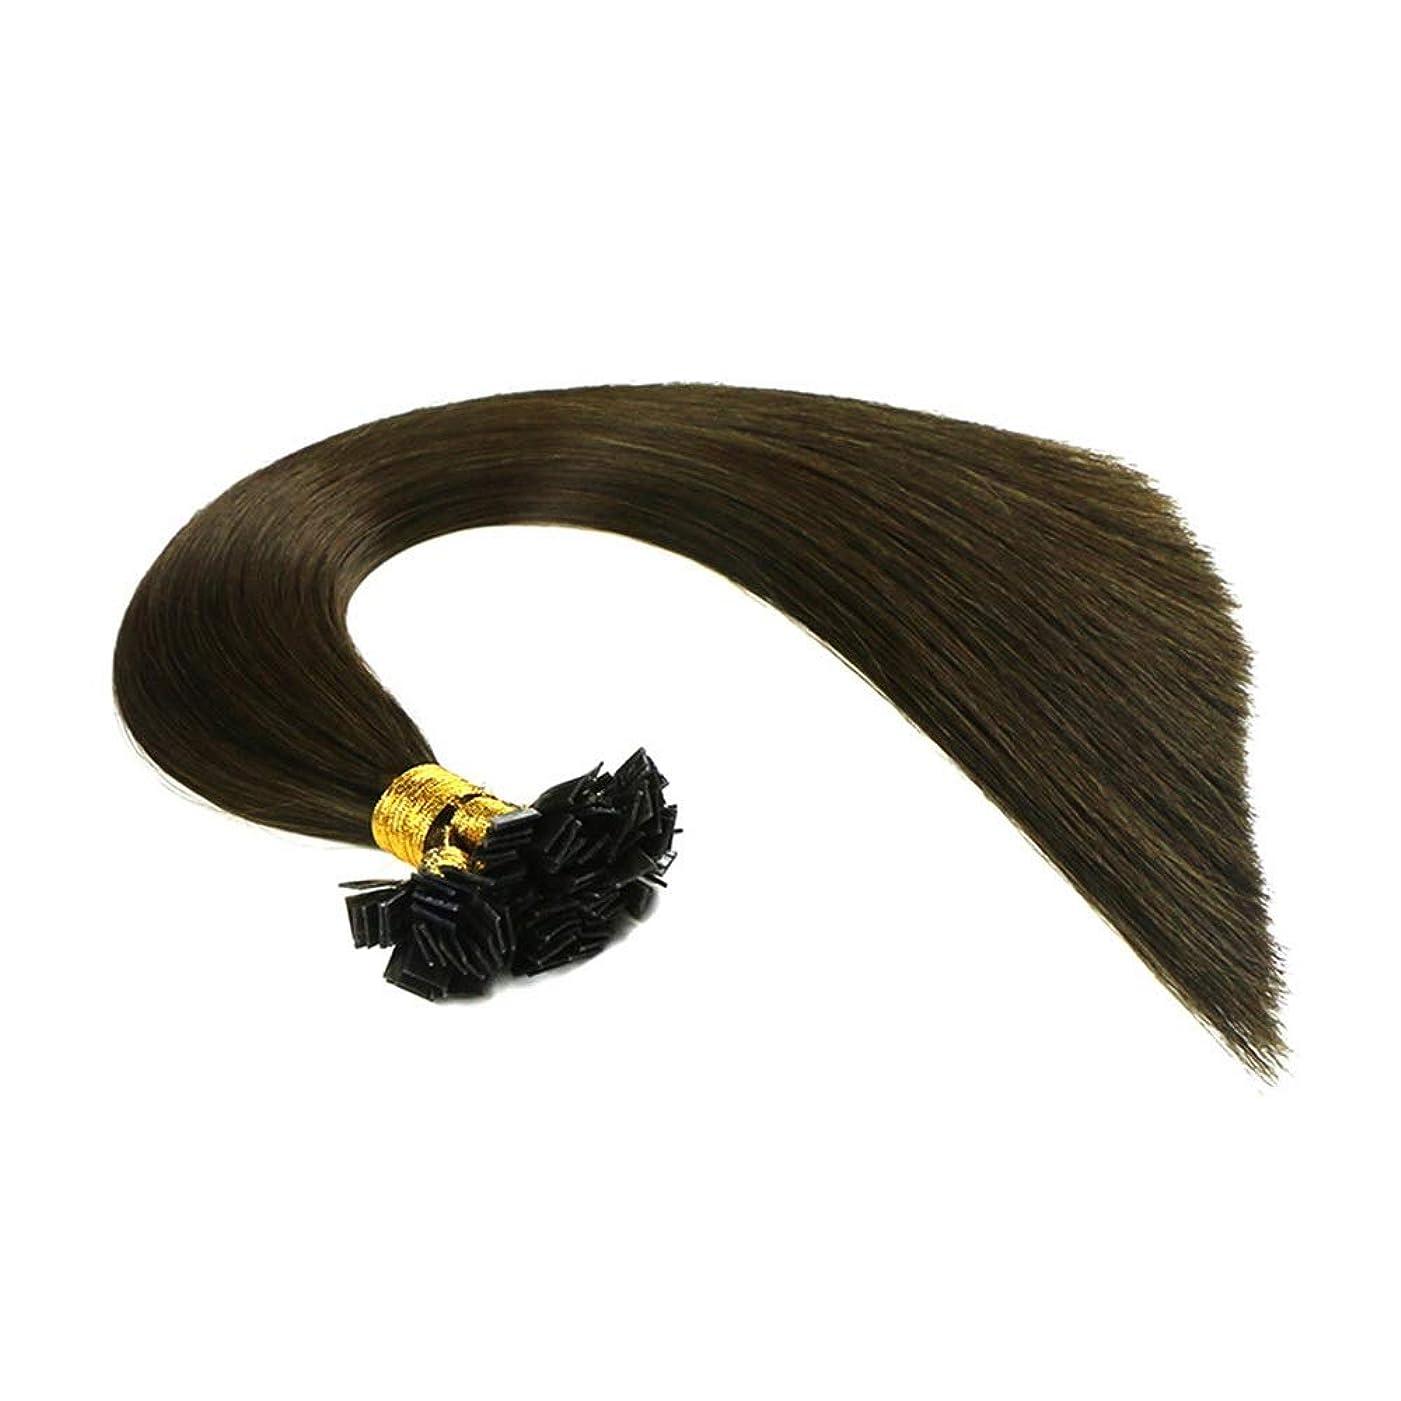 拡散するサーバ恋人JULYTER ナノリングヘアエクステンション100%ブラジル人毛ナノヘアエクステンション (色 : Photo color, サイズ : 20 inch)